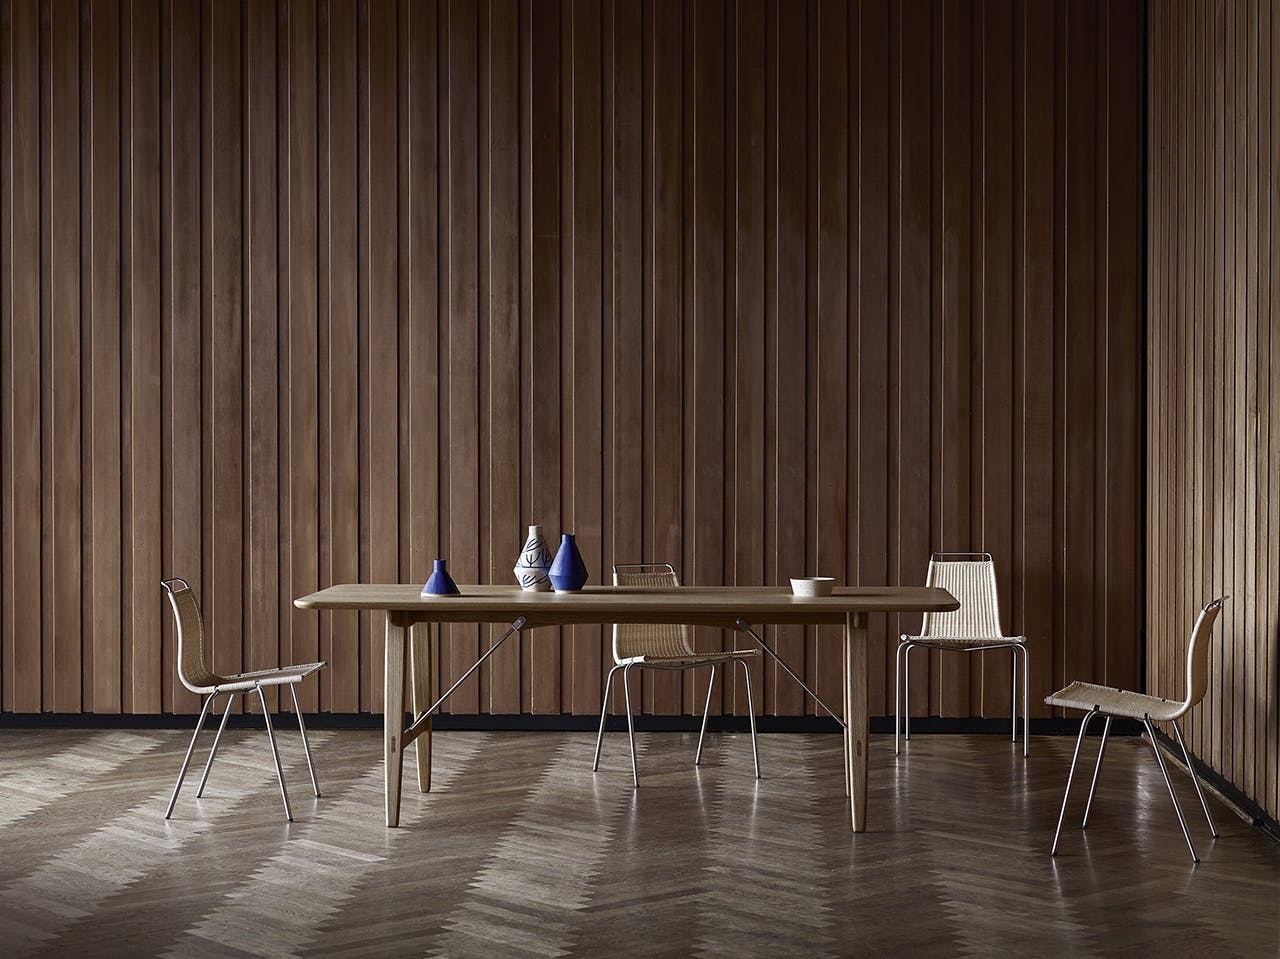 Enorm Spisebord | 25 smukke spiseborde til hjemmet | bobedre.dk UX-78